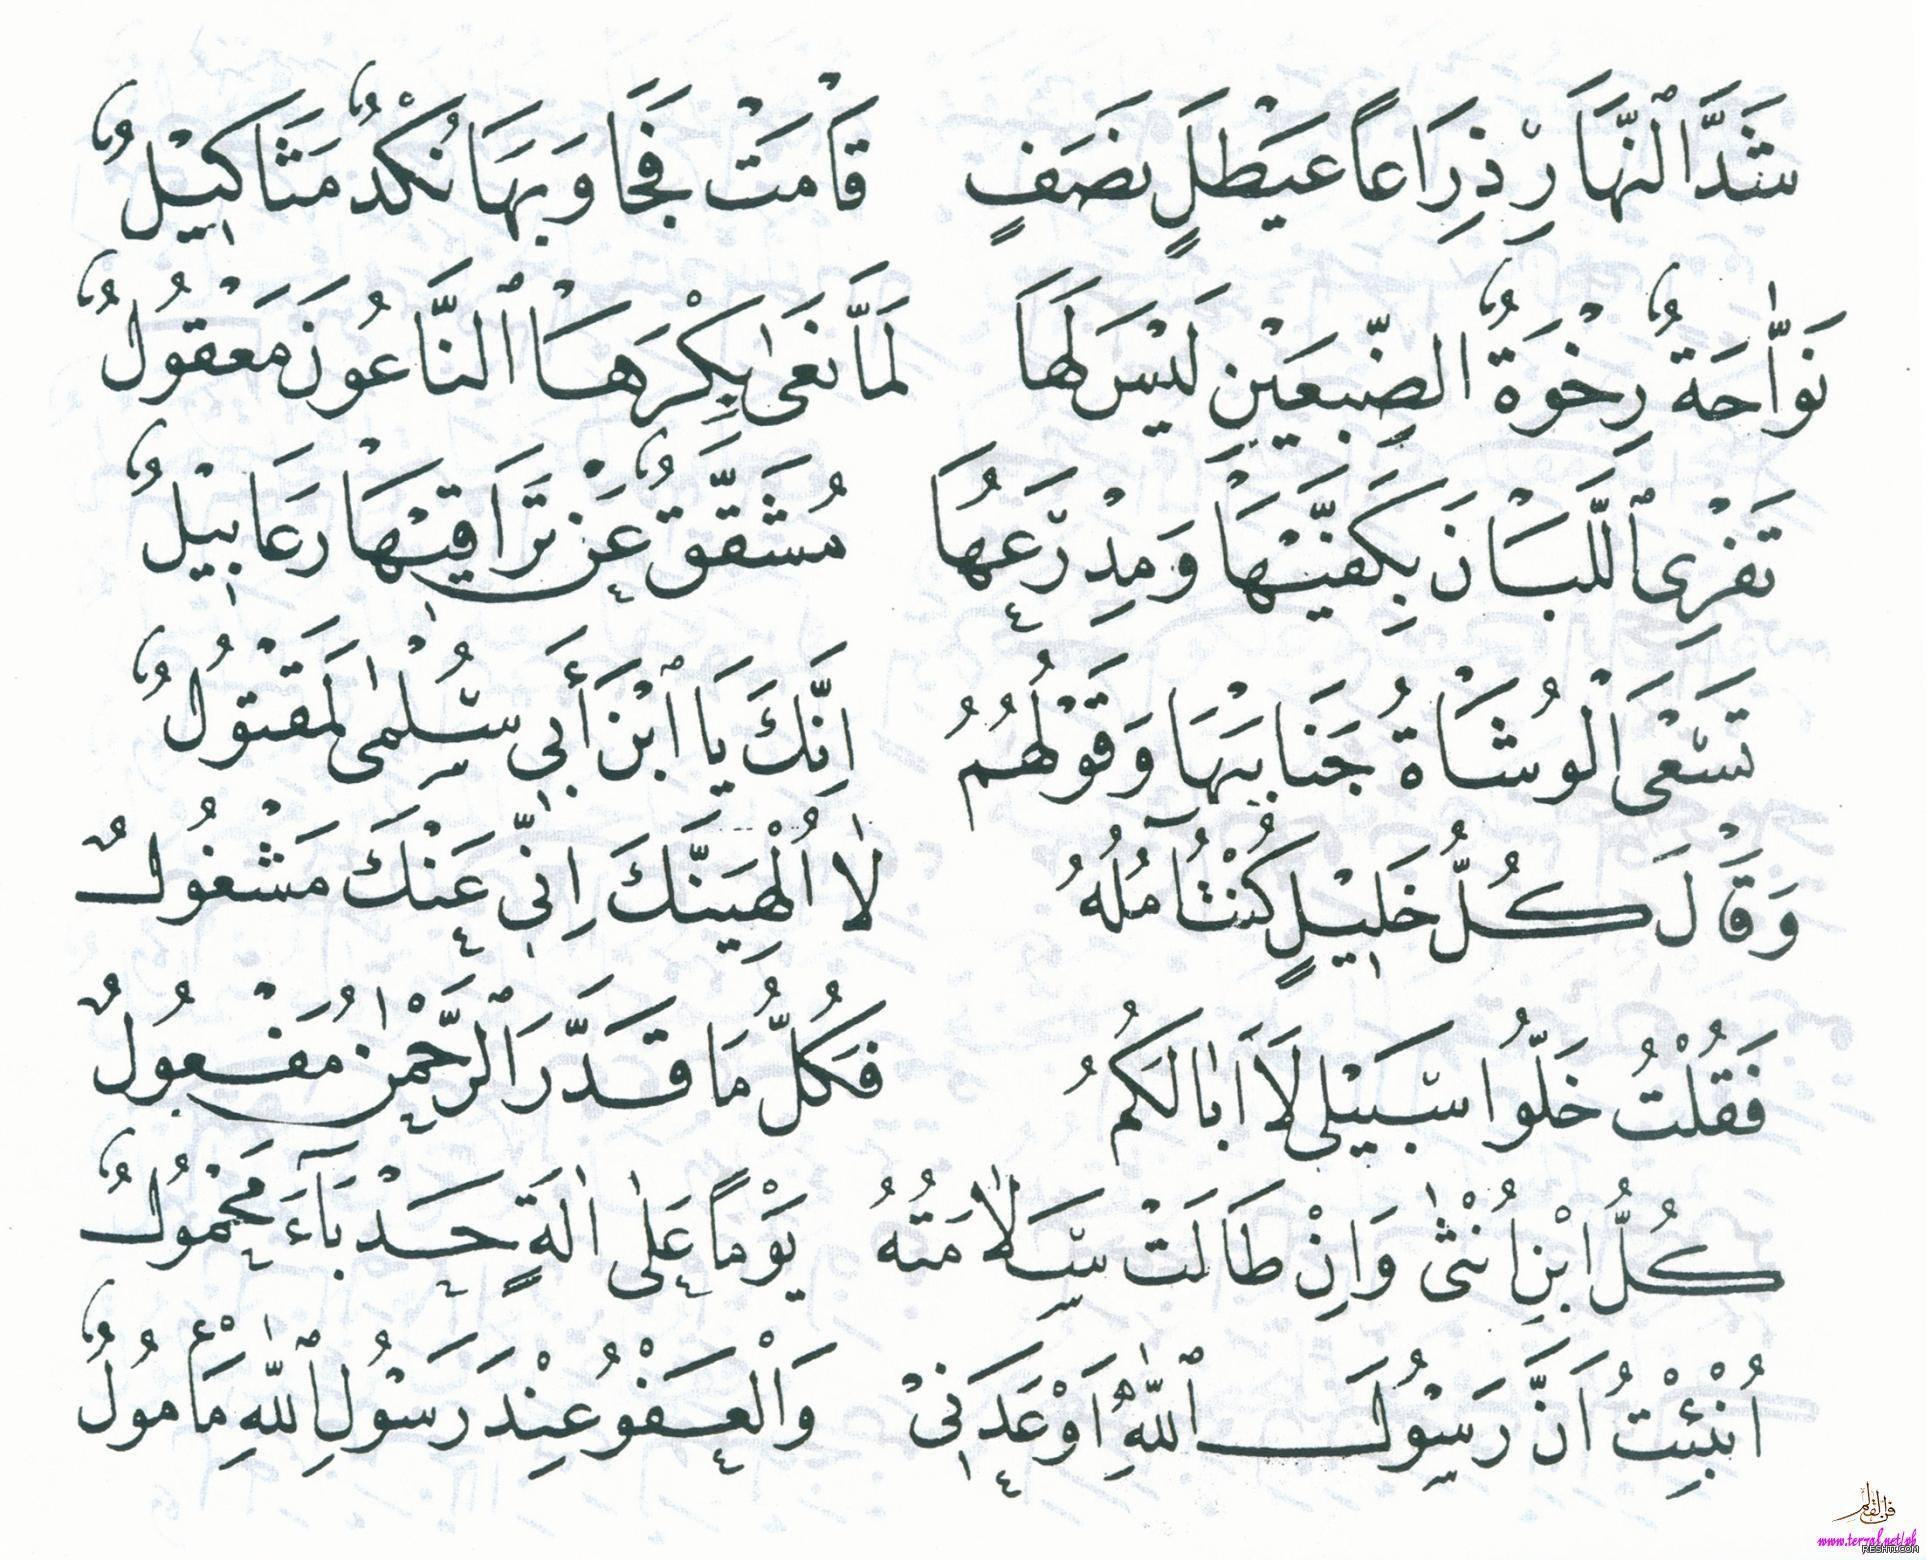 قصيدة بانت سعاد لكعب بن زهير رضي الله عنه بخط مصطفى حليم 4